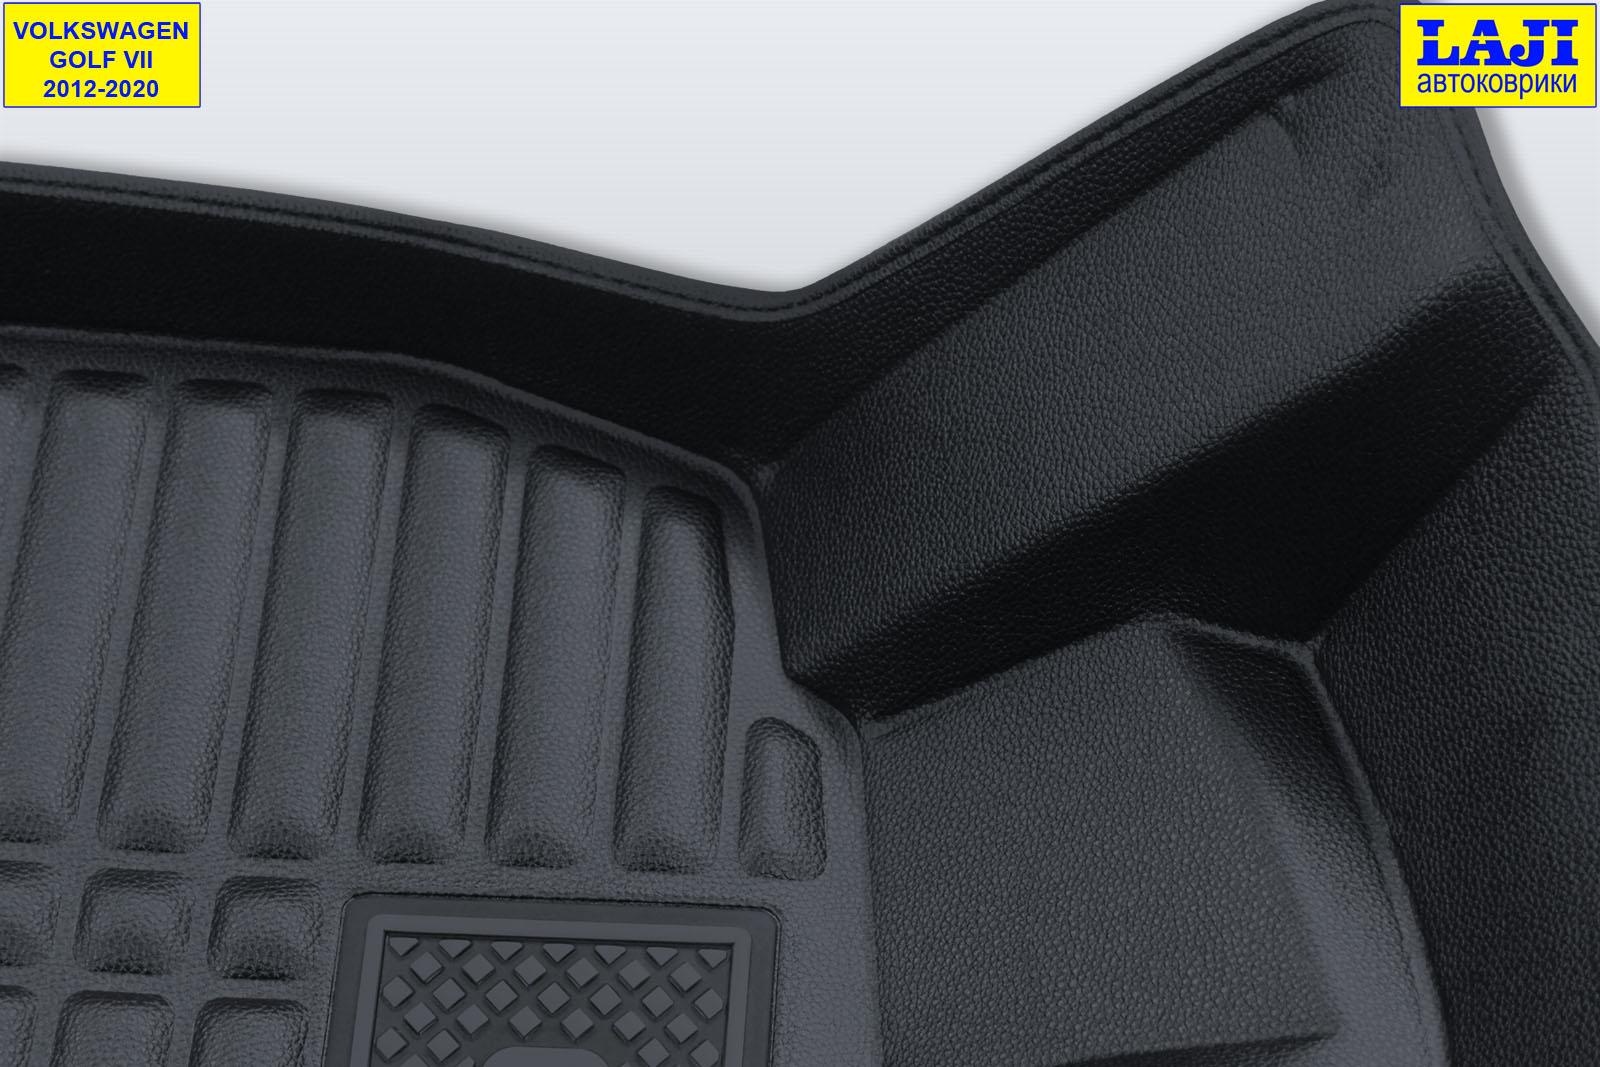 5D коврики в салон Volkswagen Golf 7 2012-2020 6